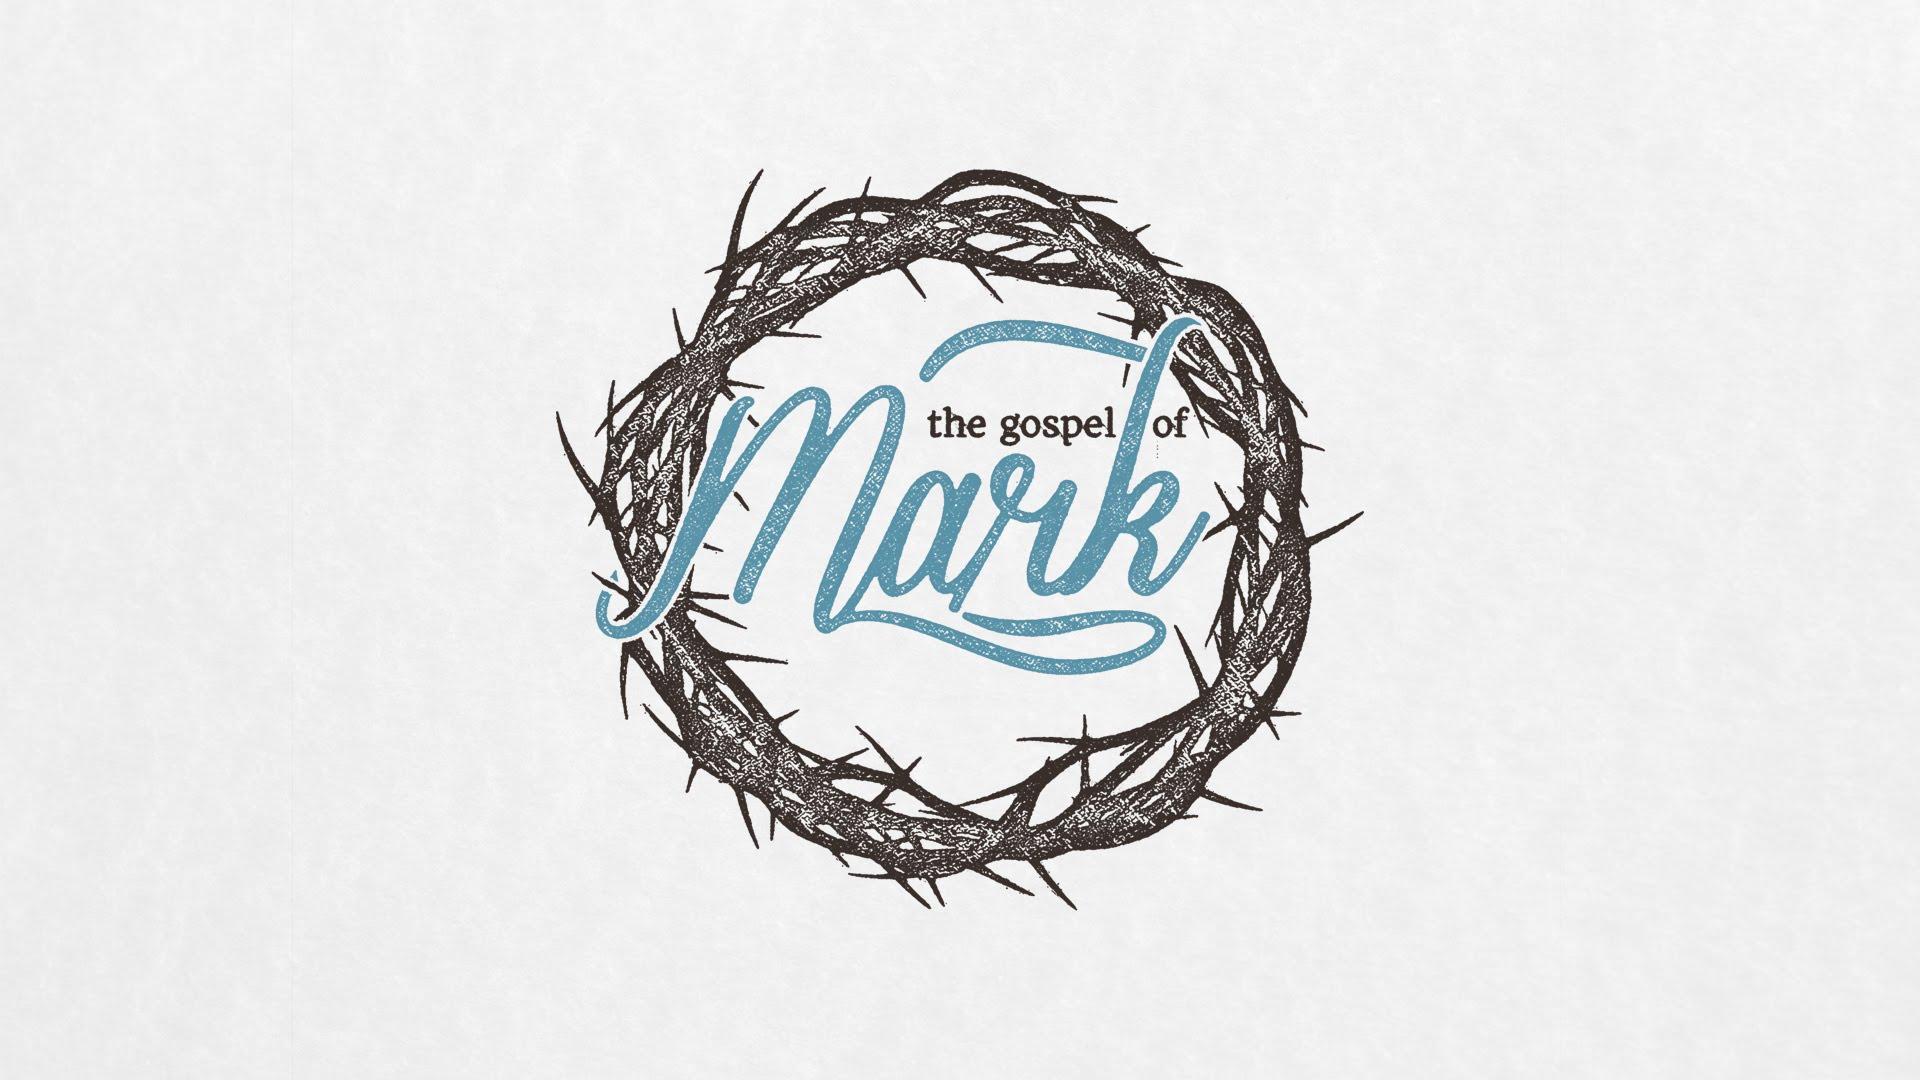 Gospel_of_Mark2.jpg